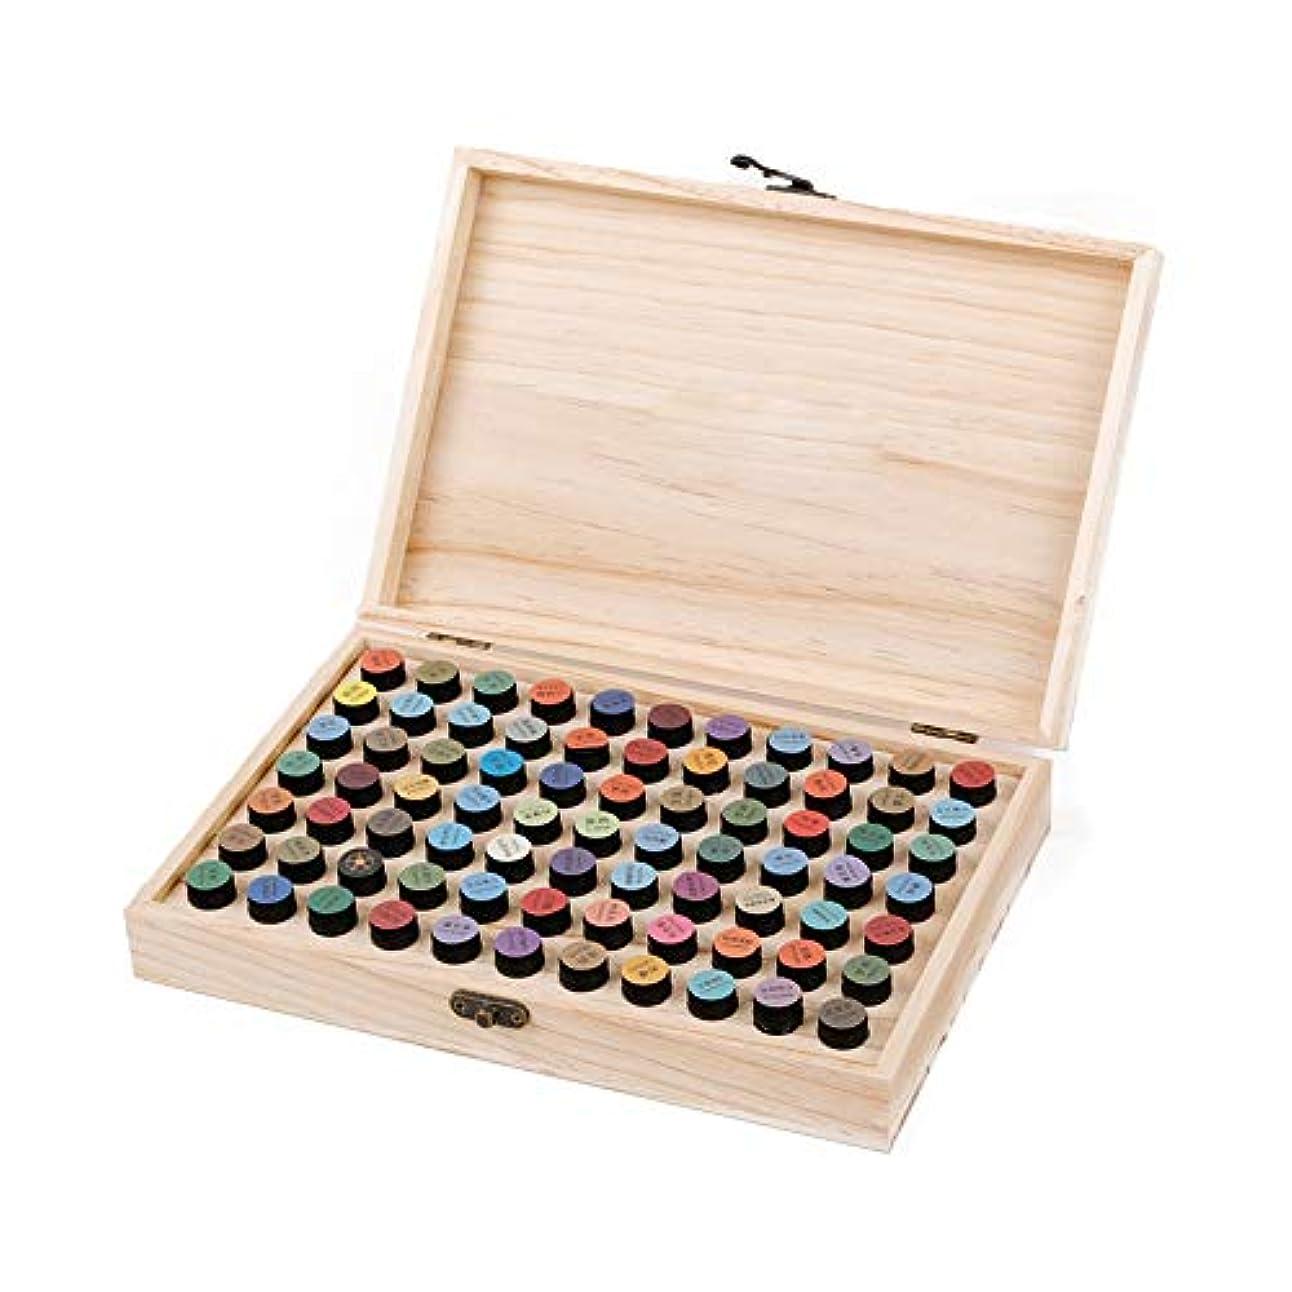 コンプリートテレビ加速するエッセンシャルオイルボックス 2ミリリットルのエッセンシャルオイル木製収納ボックスあなたの貴重なエッセンシャルオイルを格納するのに適した77個のスロット アロマセラピー収納ボックス (色 : Natural, サイズ :...